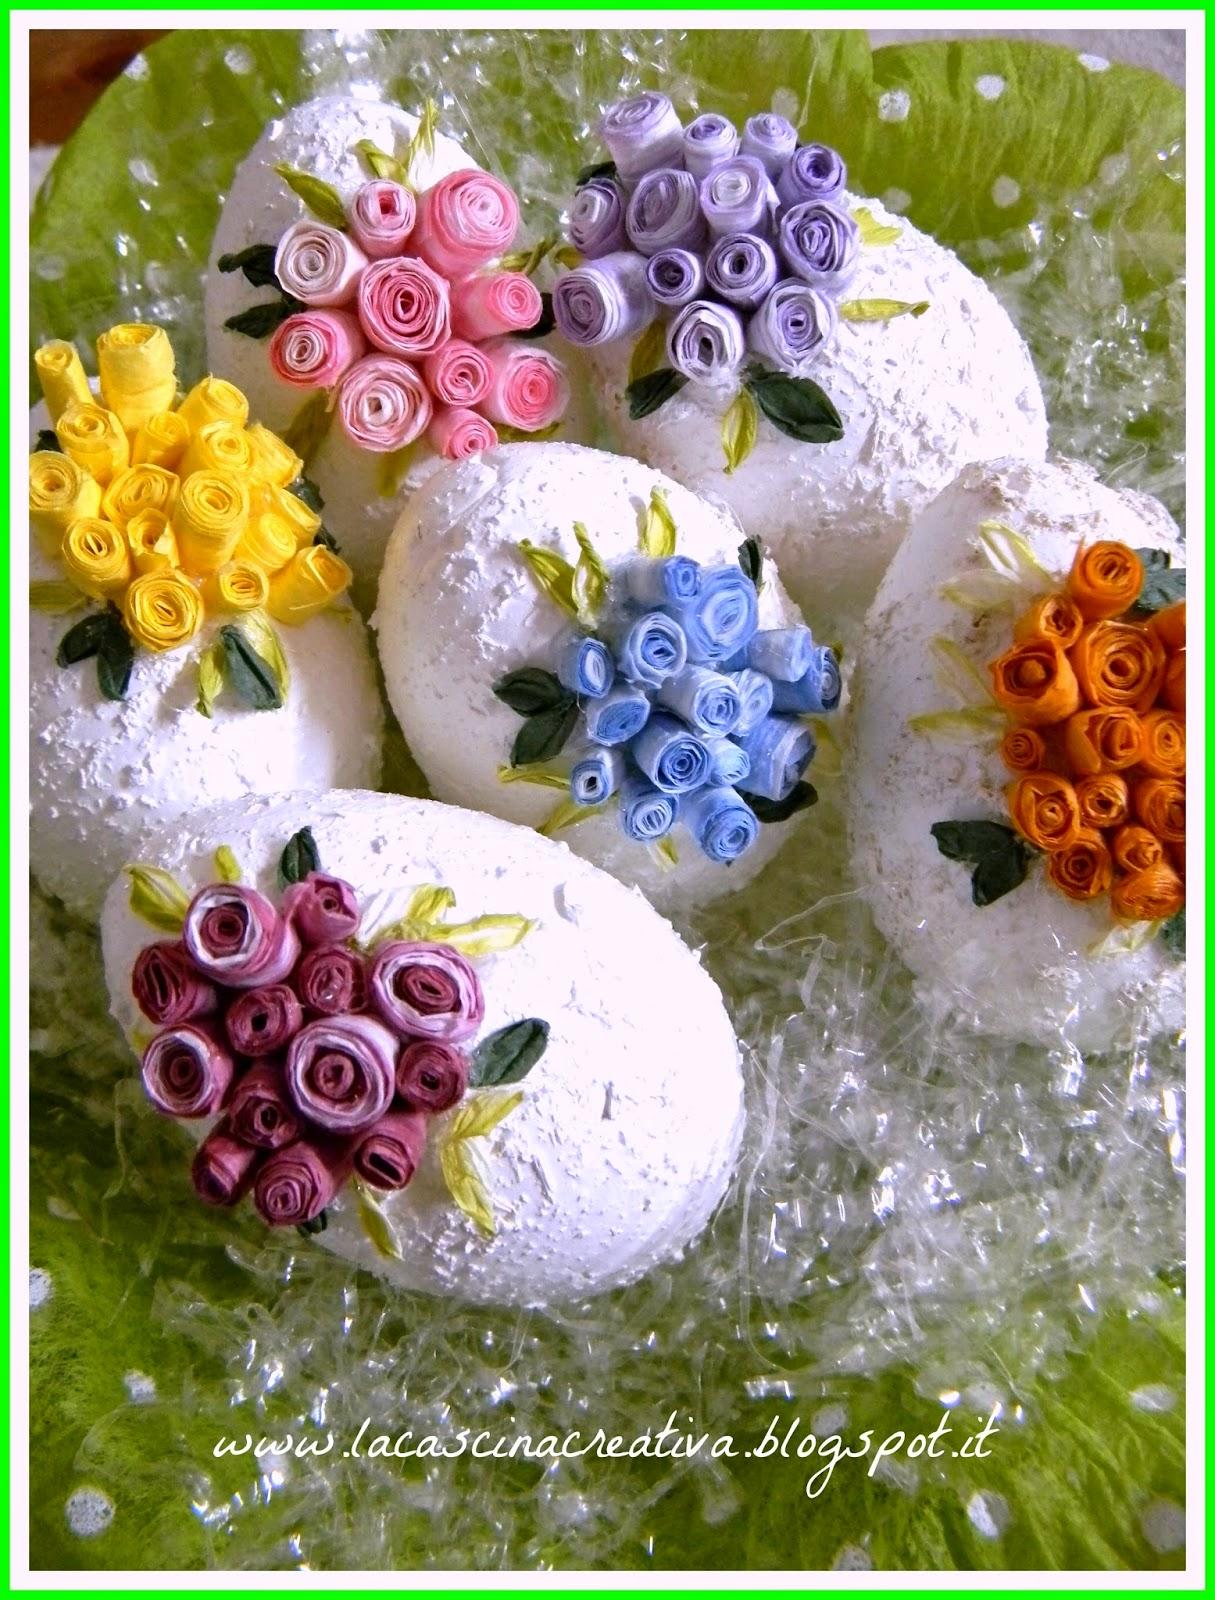 La cascina creativa uova pasquali decorate con roselline - Uova di pasqua decorate per bambini ...